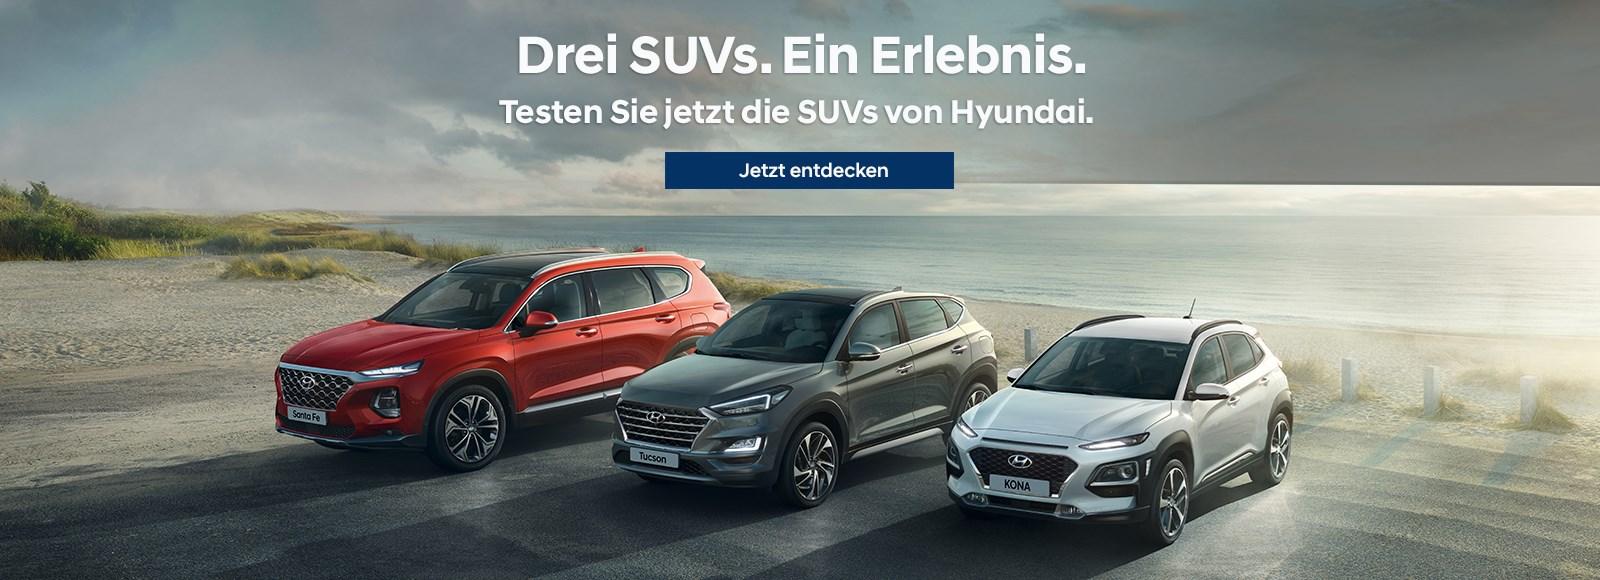 SUV Hyundai